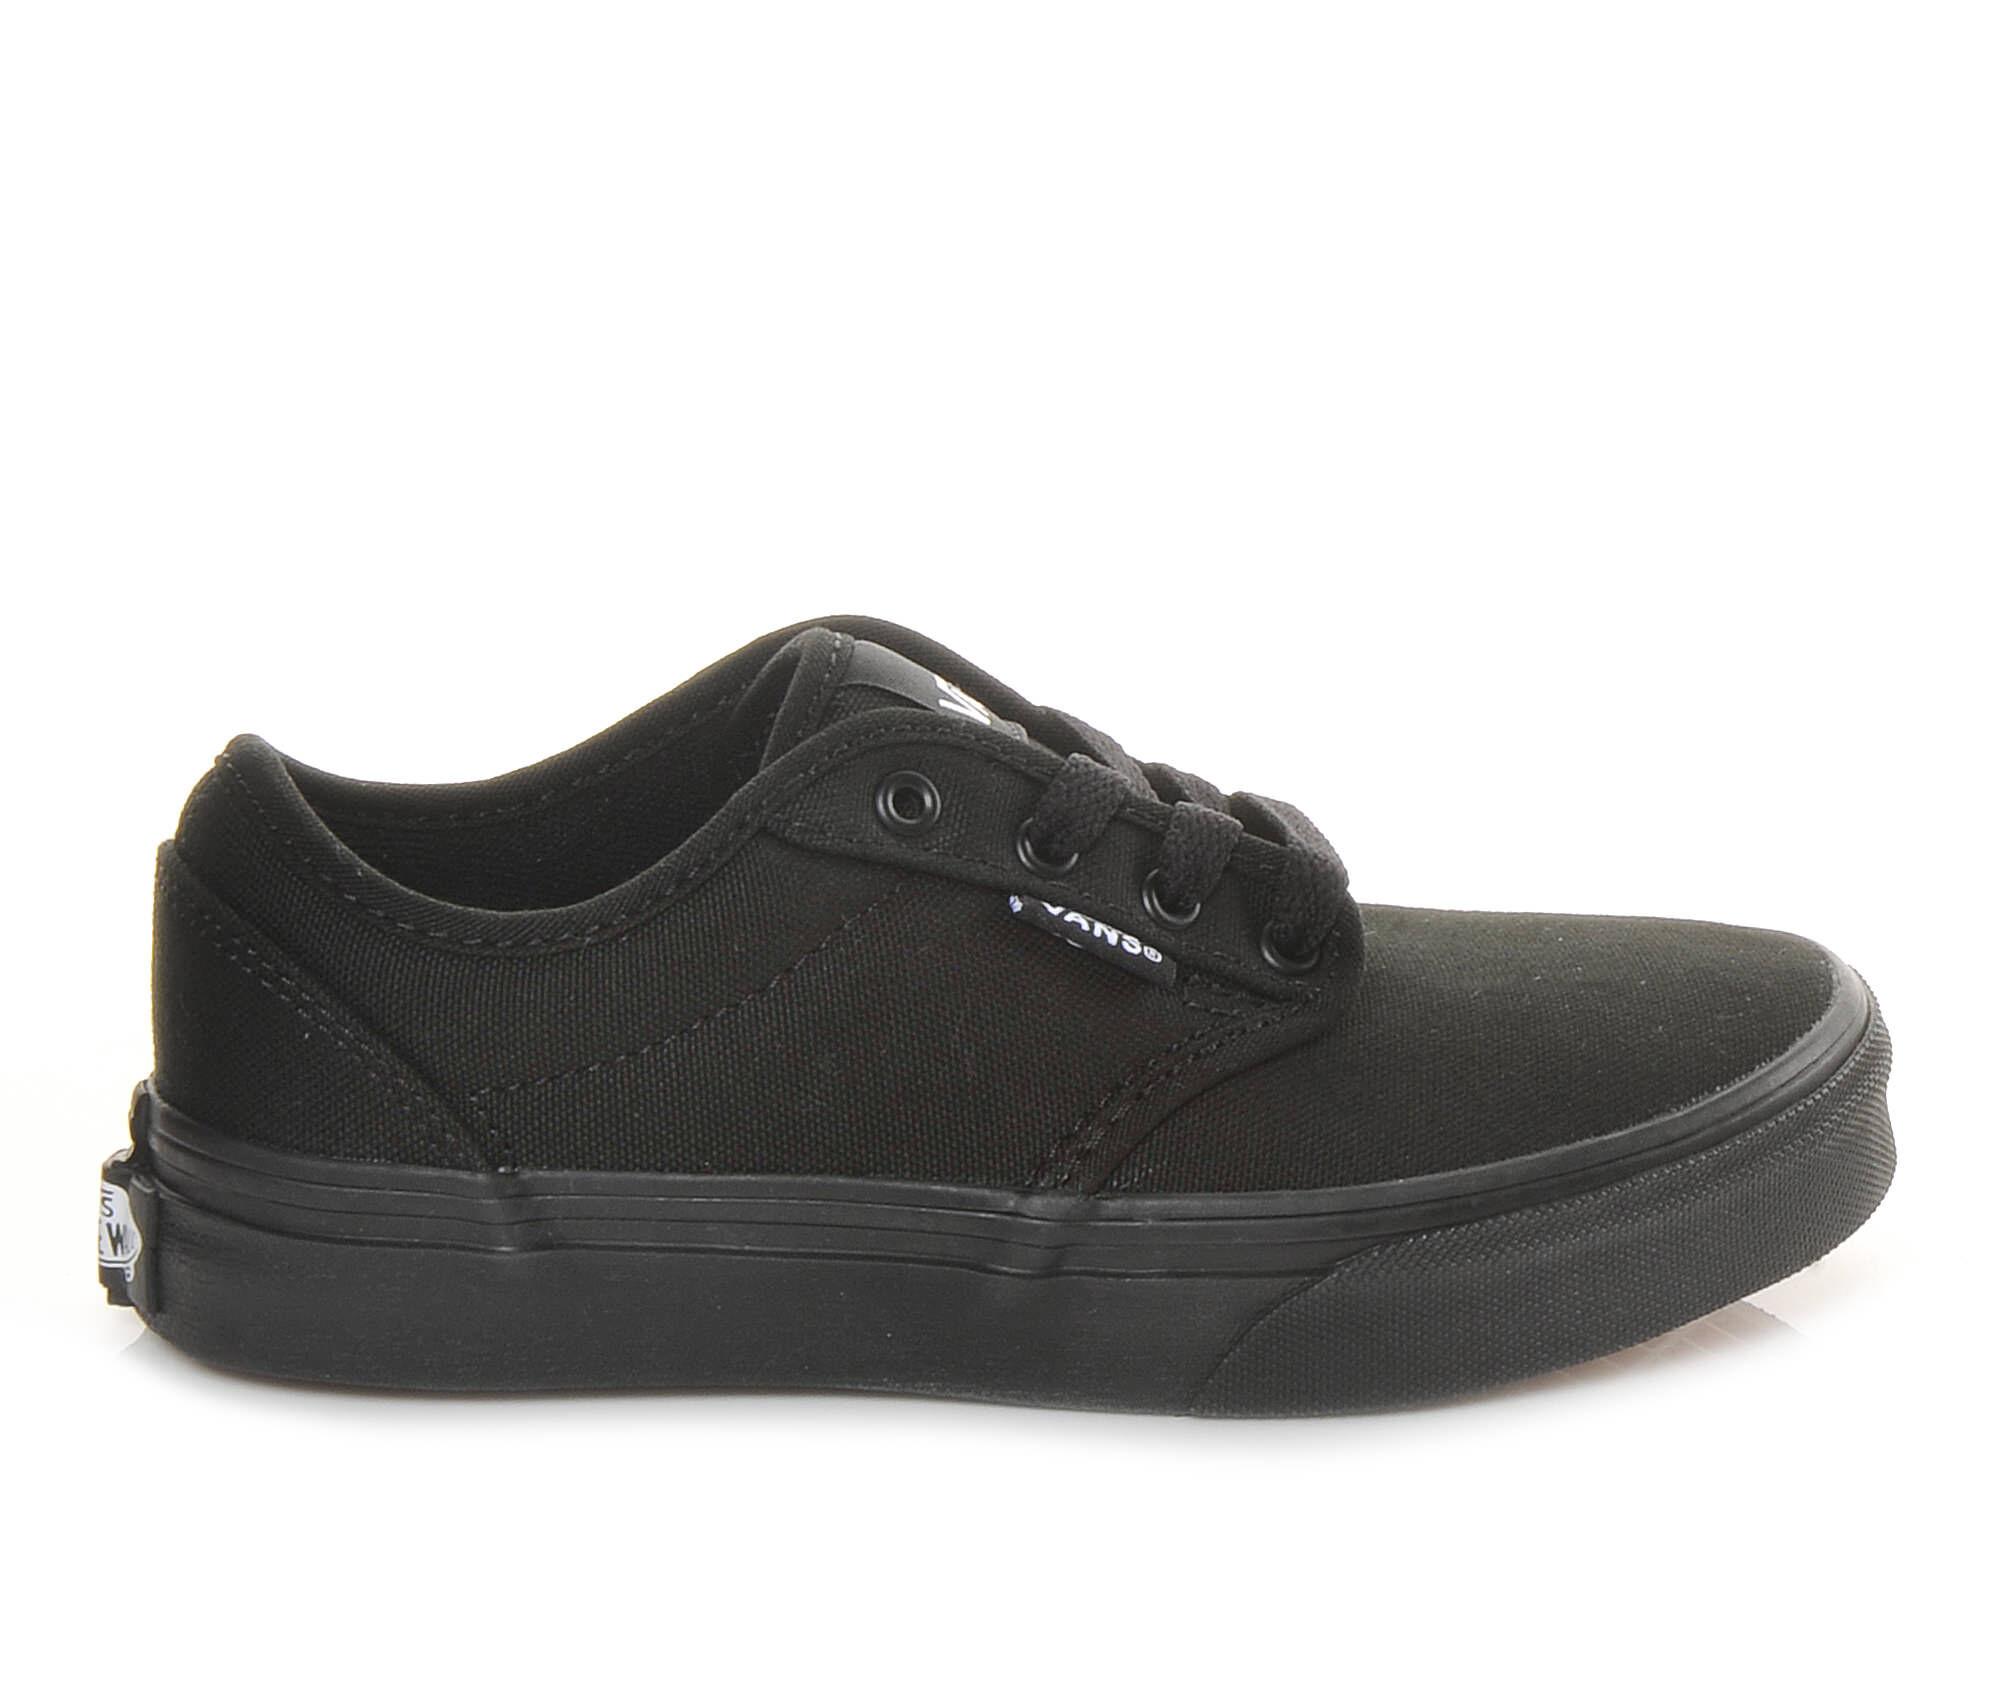 2e706c60fa5 Buy black vans shoes jcpenney